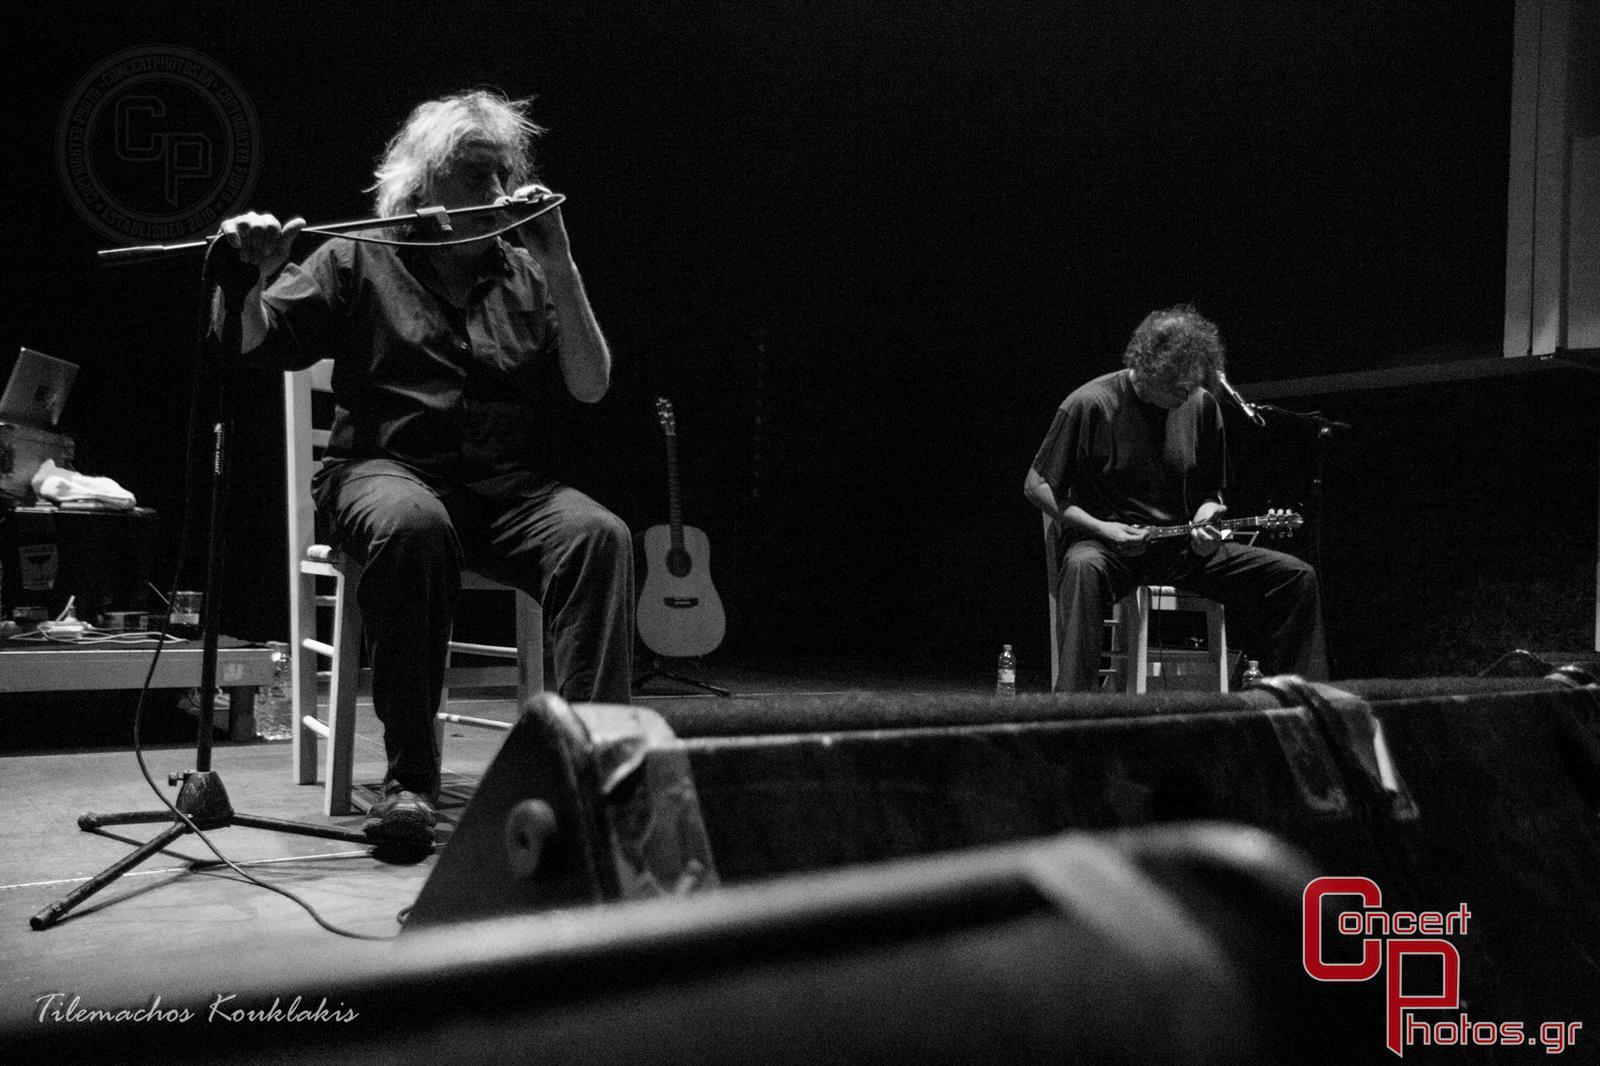 Γιάννης Αγγελάκας - Σύννεφα με Παντελόνια-Aggelakas-2 photographer:  - concertphotos_-1405152963